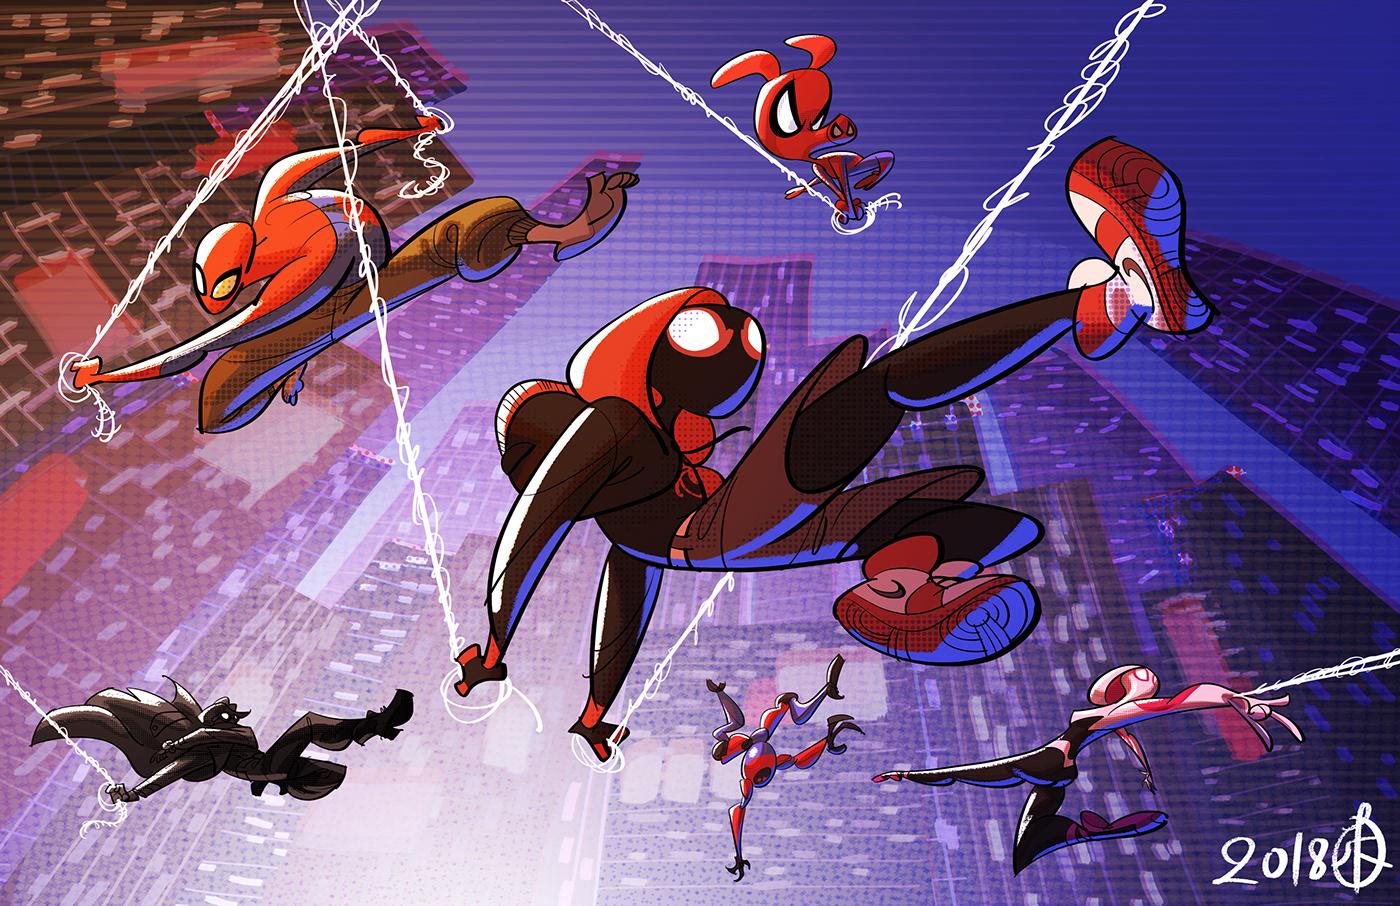 Into the Spider-verse av Huy Hoang Ha. Från behance.net/splendidriver